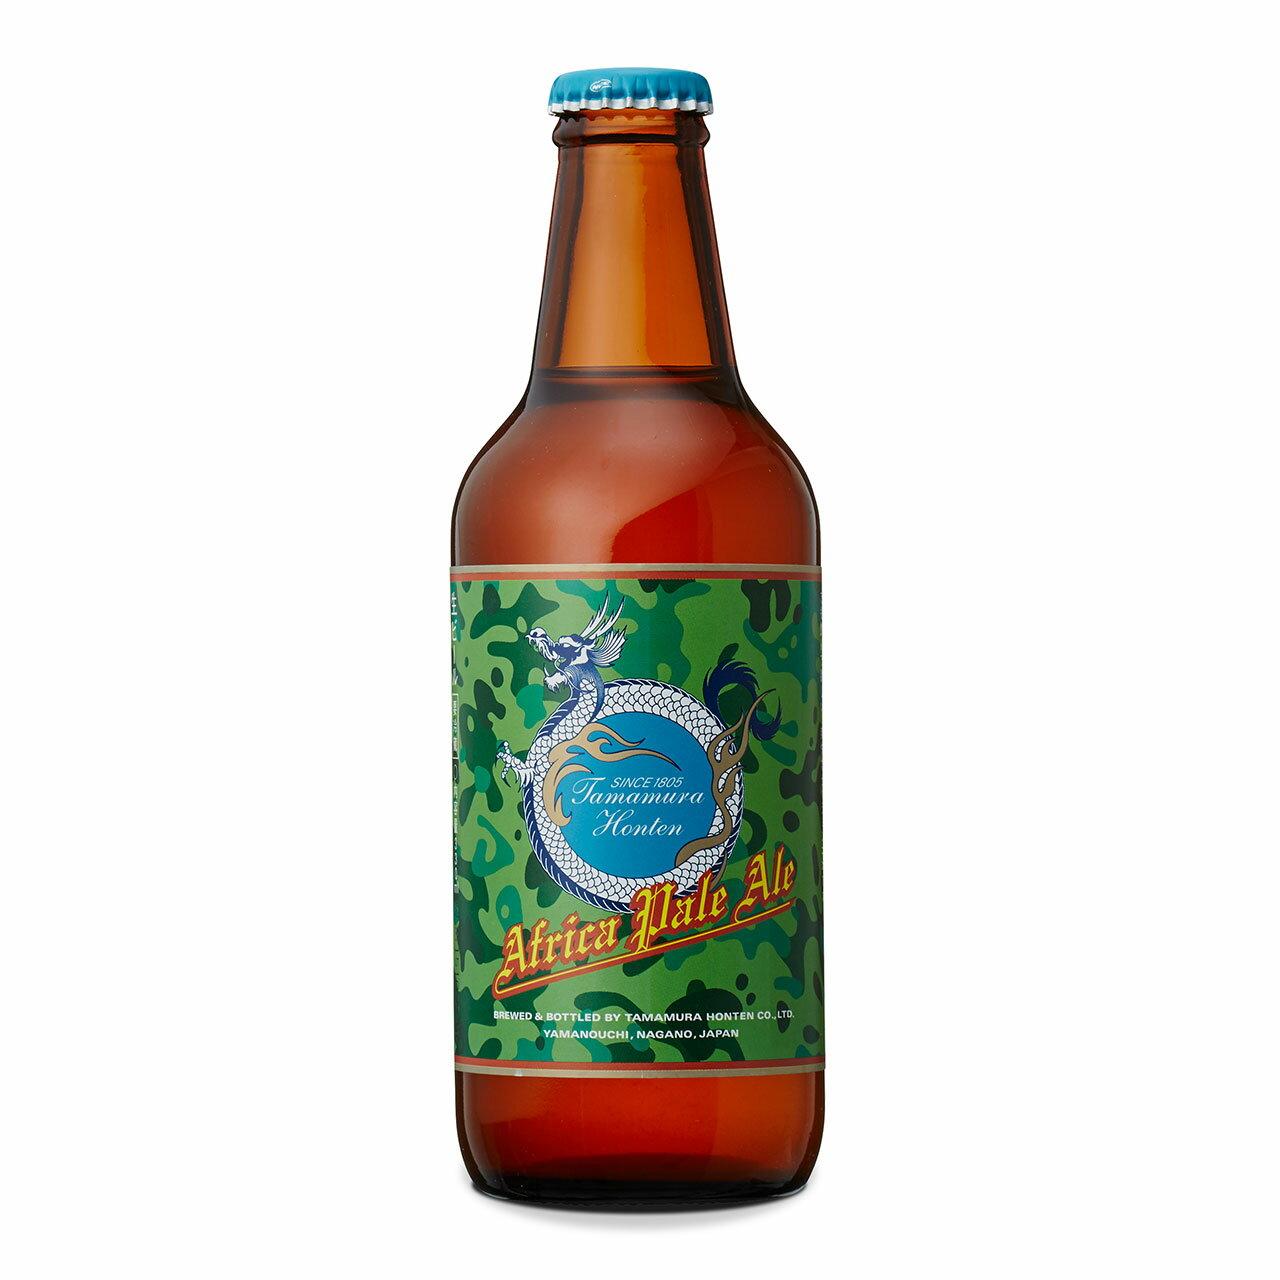 【お歳暮 ギフト】志賀高原ビール アフリカペールエール 330ml 24本 長野県 玉村本店 クラフトビール ケース販売